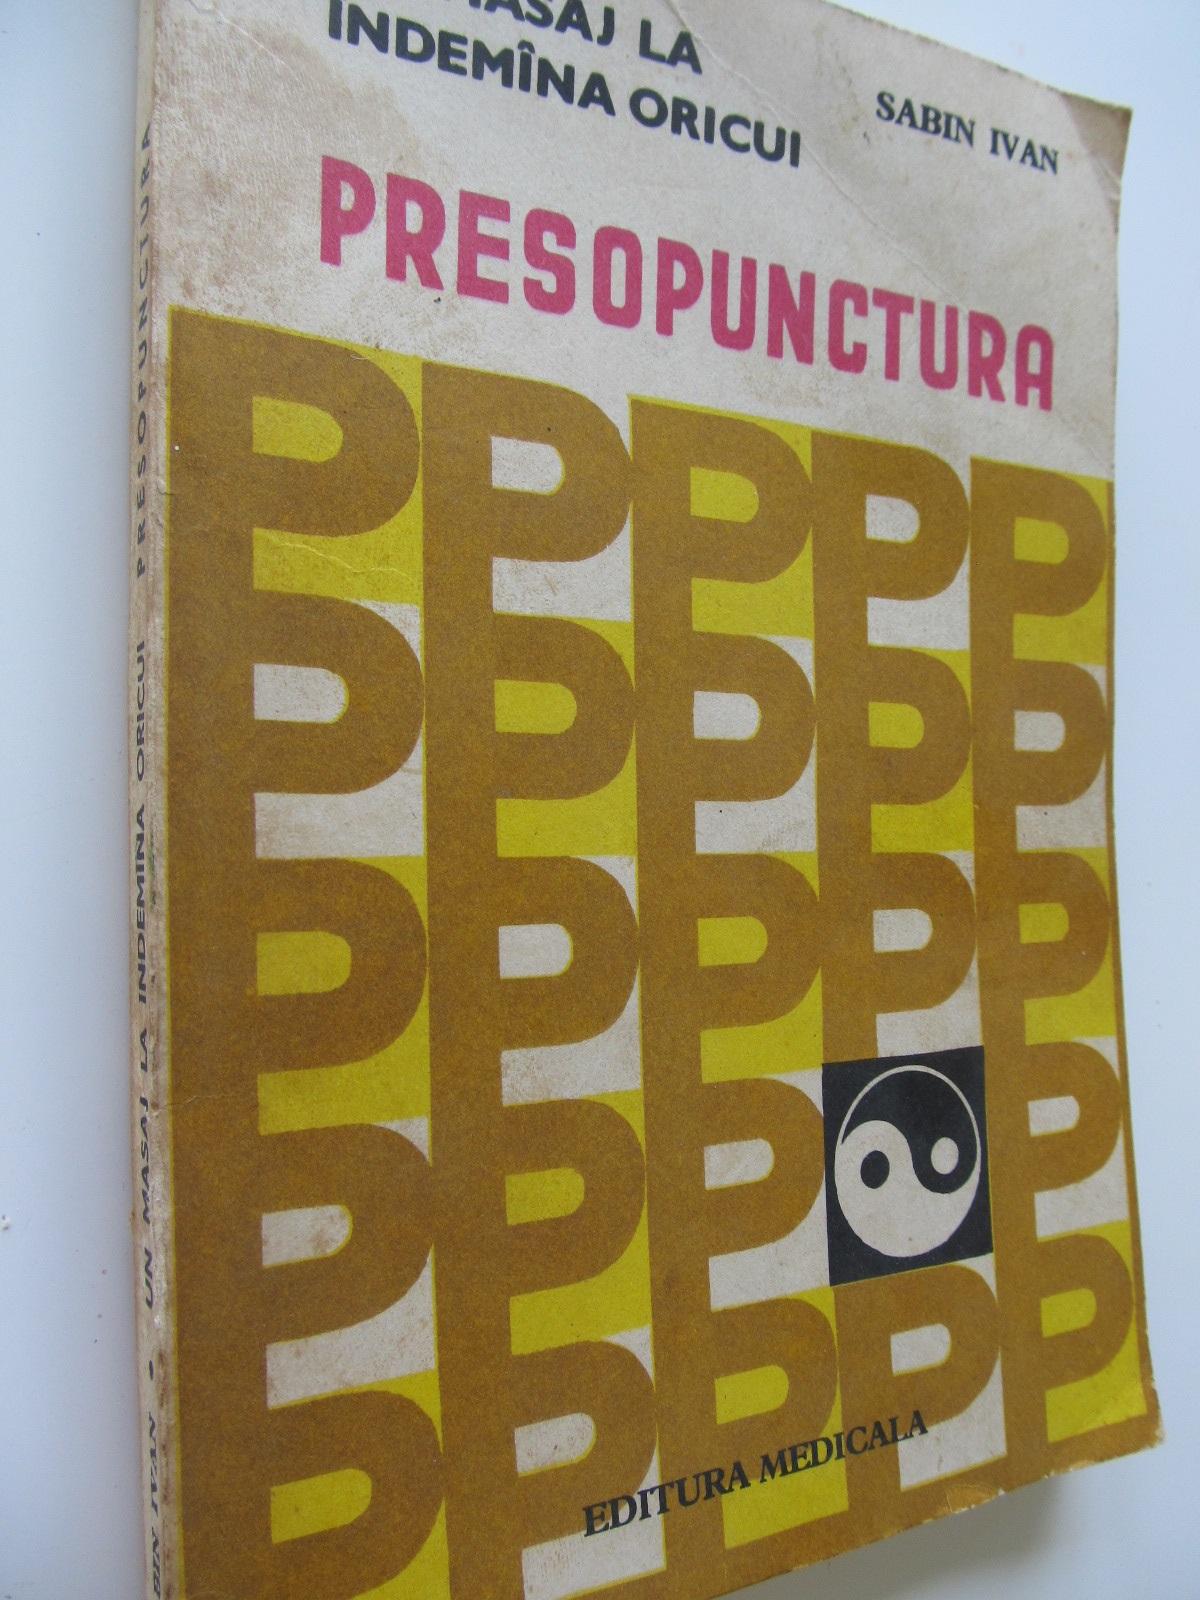 Un masaj la indemana oricui - Presopunctura - Sabin Ivan | Detalii carte